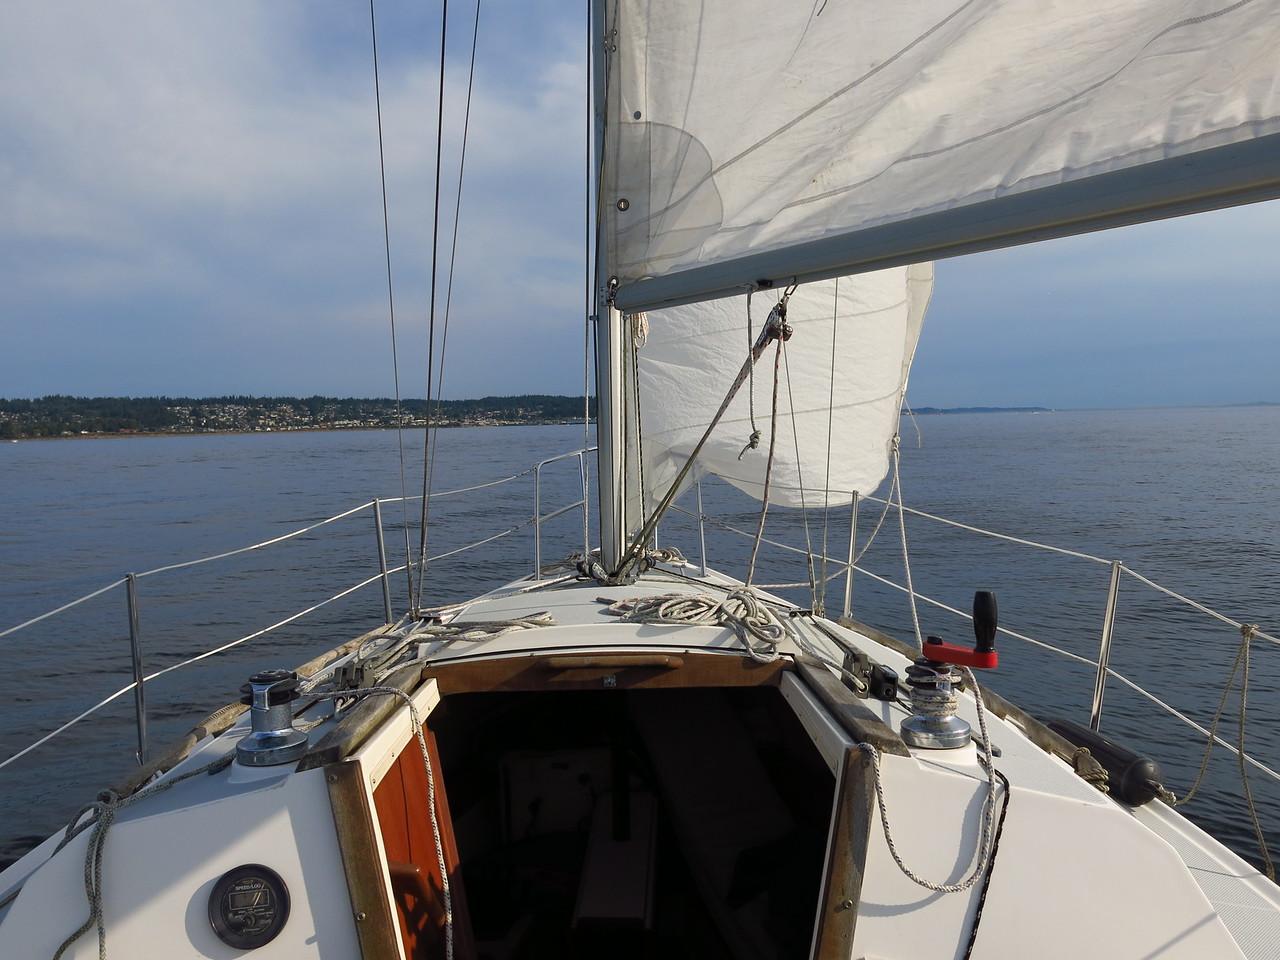 2015-08-02 Sail (28)